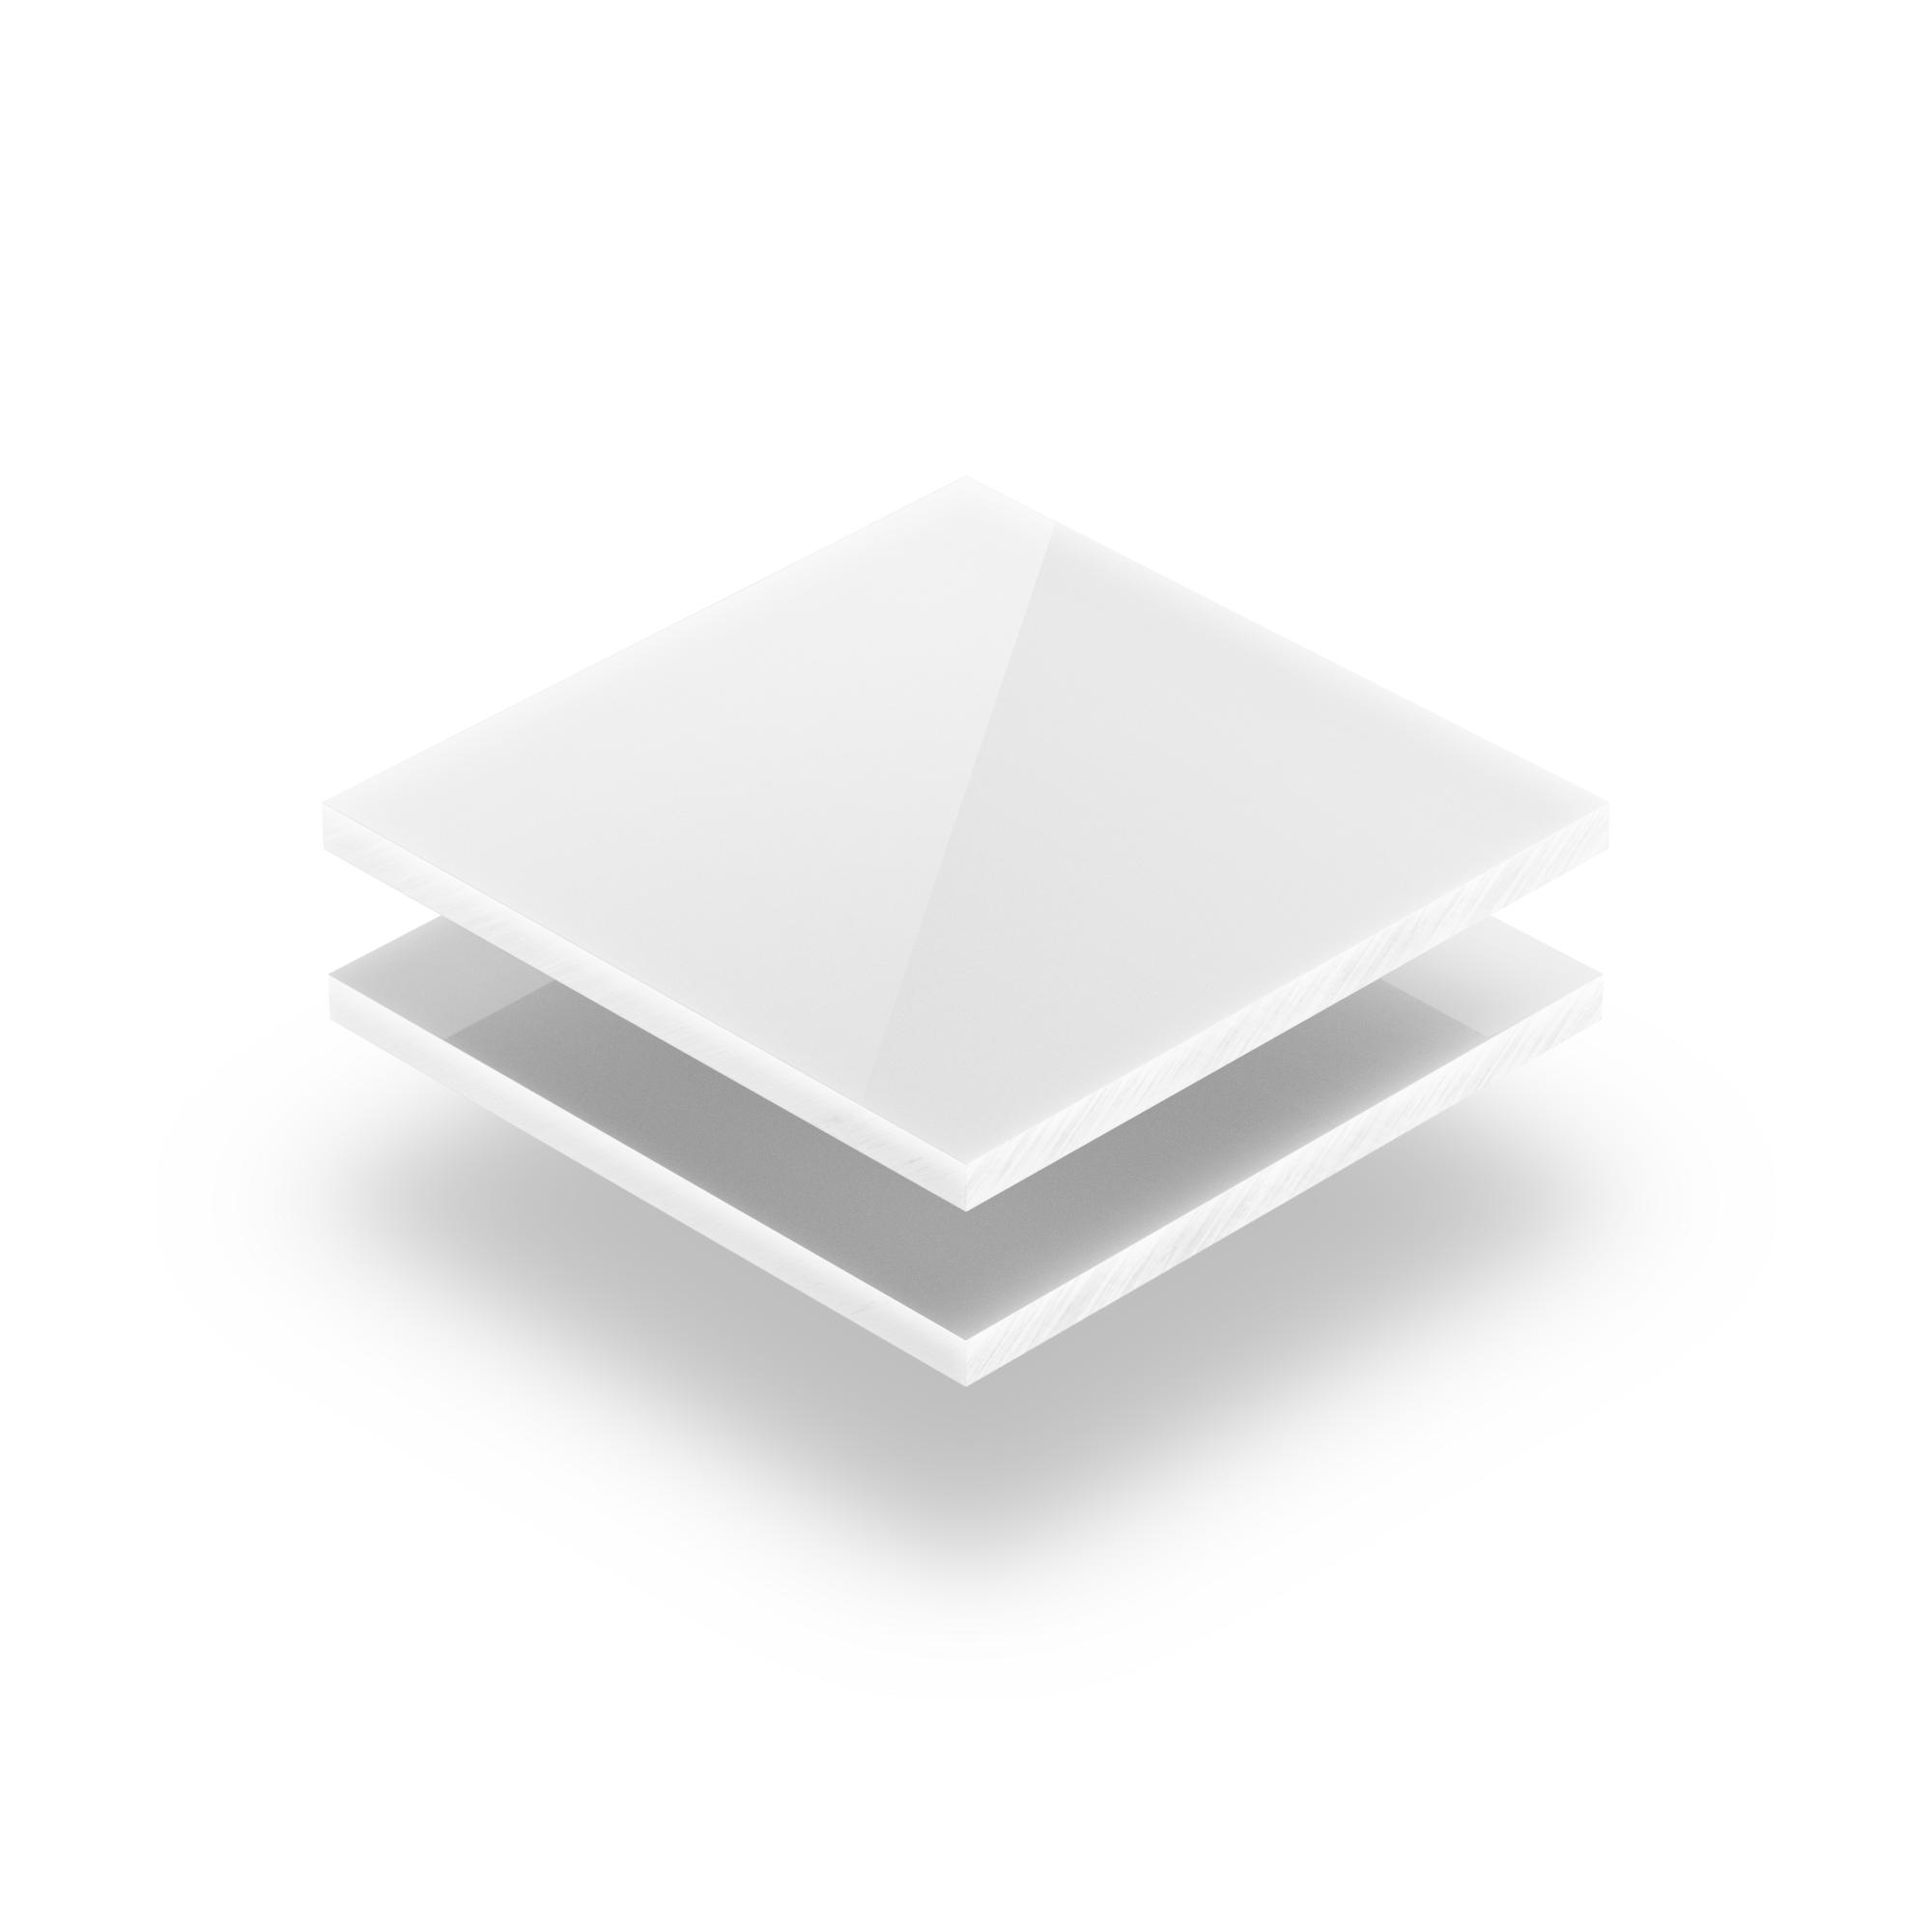 acrylglas vitrinen nach maß